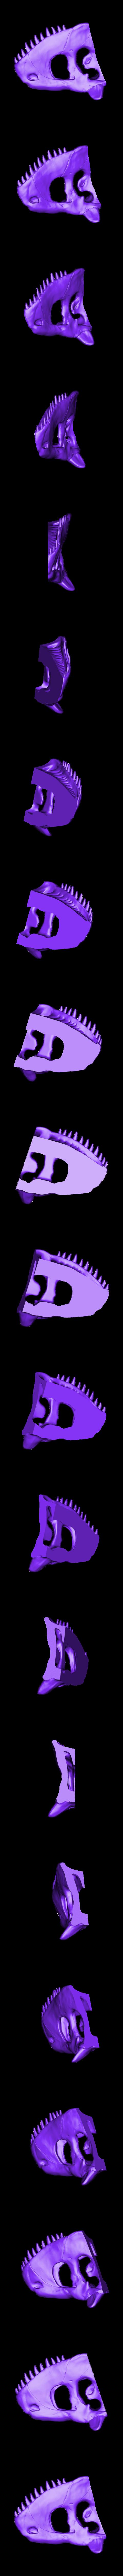 8935d5c4357cc9c5eb100990b4877bb944978cc1.stl Télécharger fichier STL gratuit Dinosaur Skull • Modèle pour impression 3D, LordLilapause